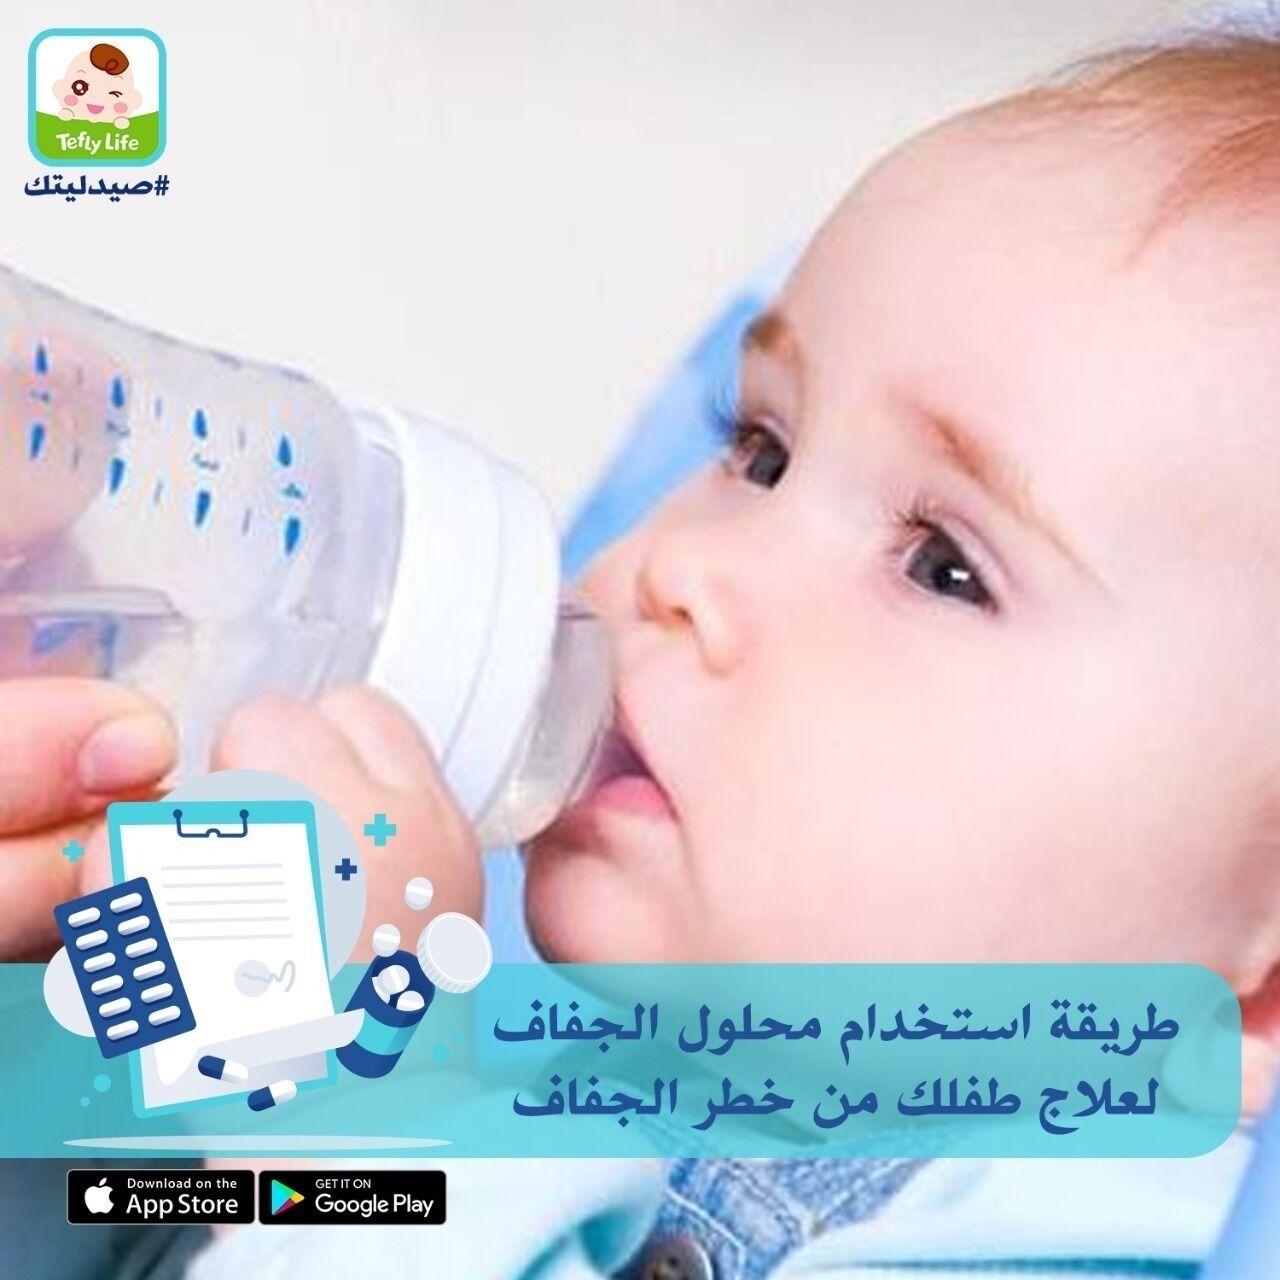 كيفية استخدام محلول الجفاف لحل مضاعفات الإسهال و القئ عند الرضع